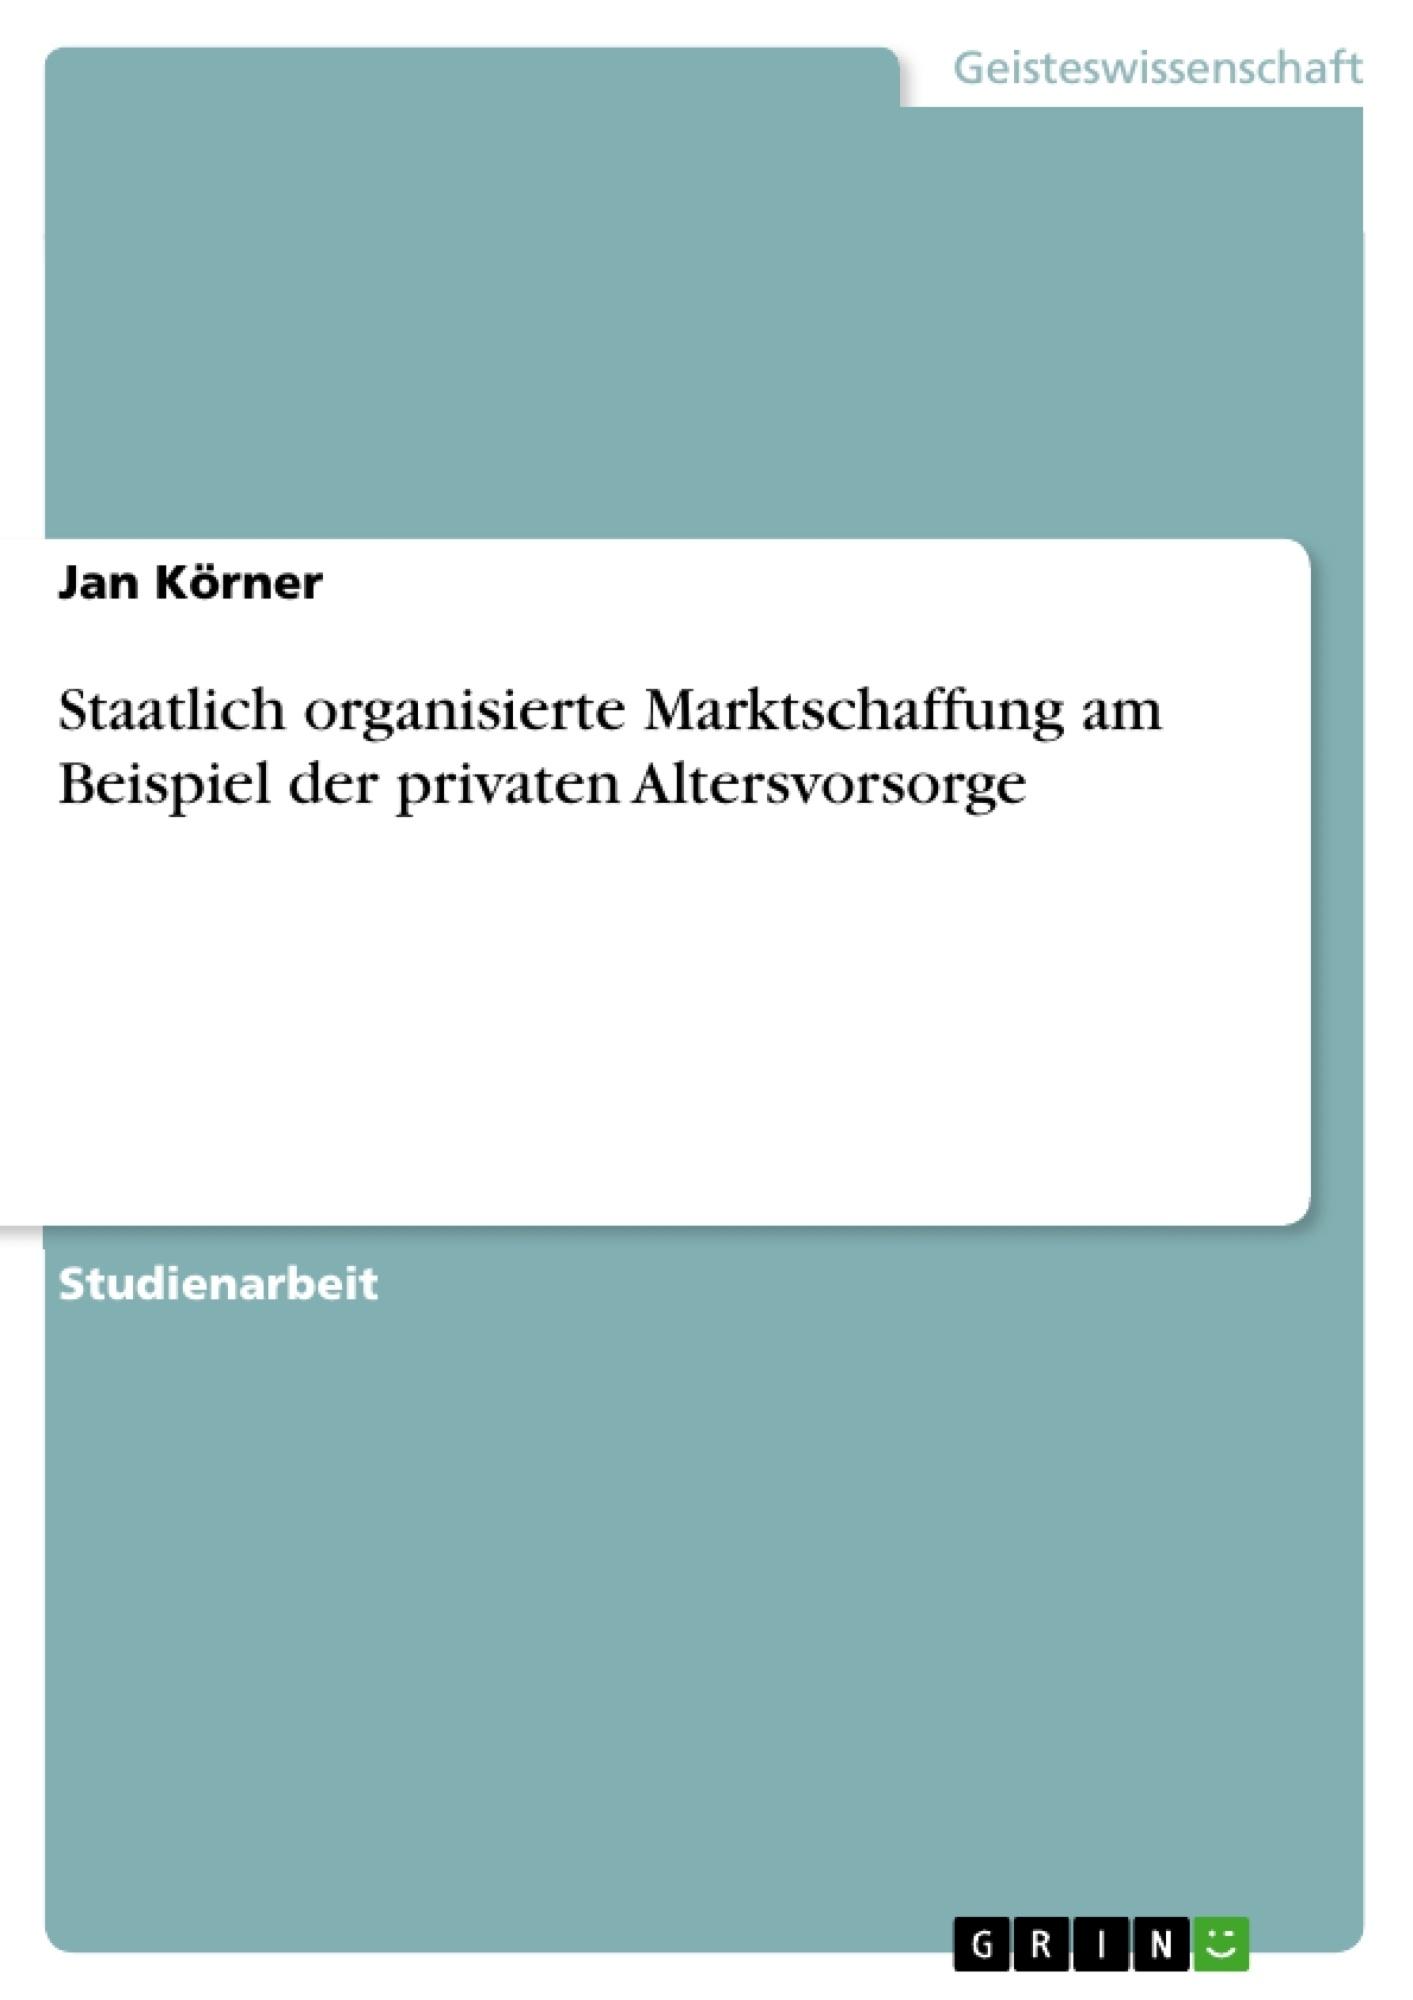 Titel: Staatlich organisierte Marktschaffung am Beispiel der privaten Altersvorsorge